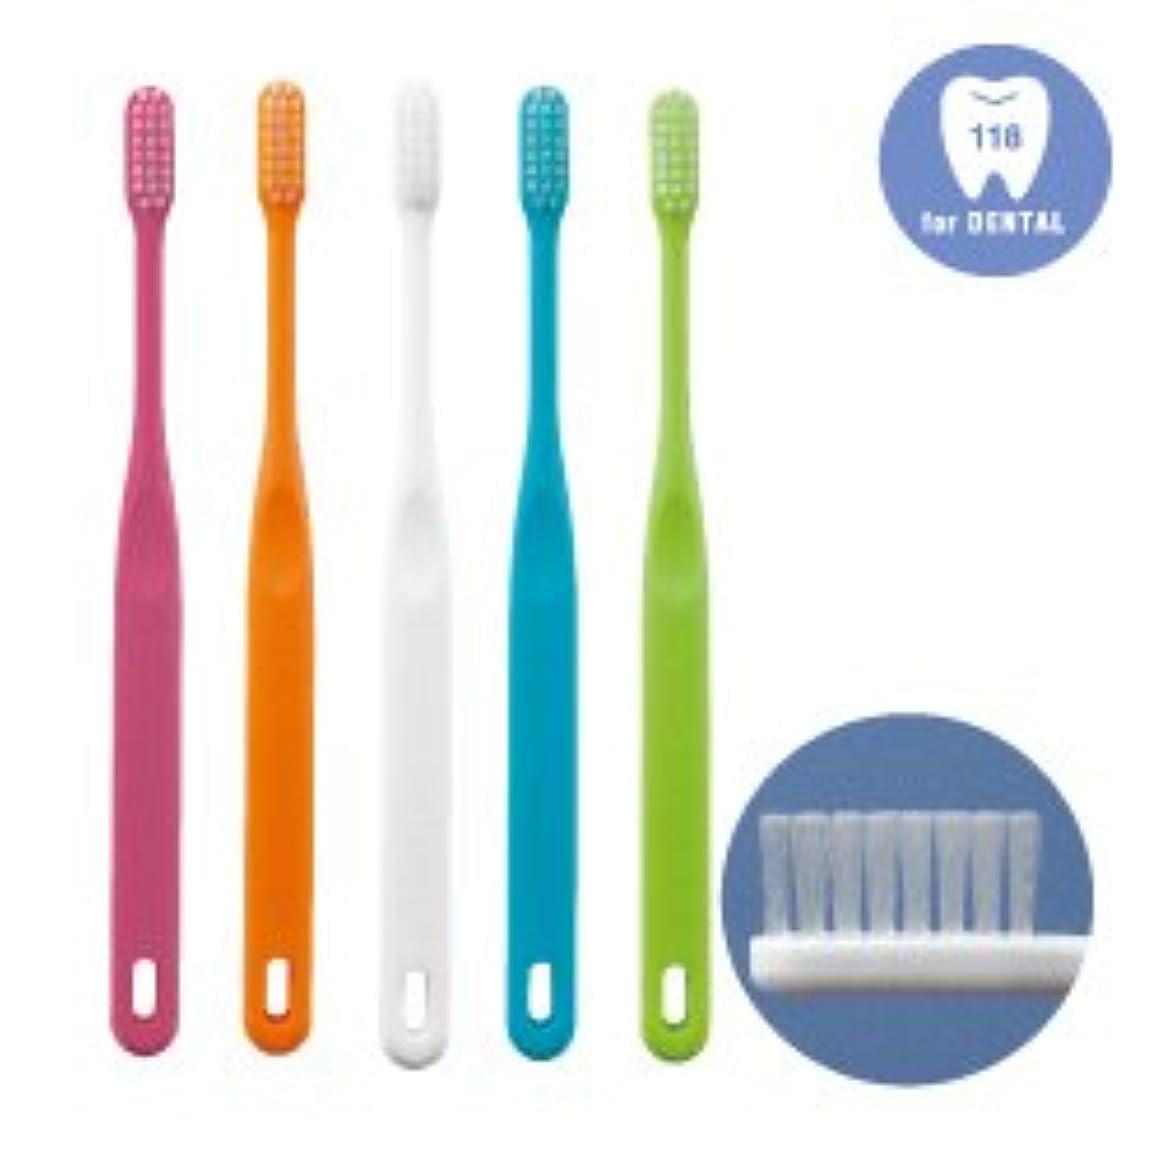 降下振る舞う納屋歯科専用歯ブラシ「118シリーズ」Advance(アドバンス)M(ふつう)25本